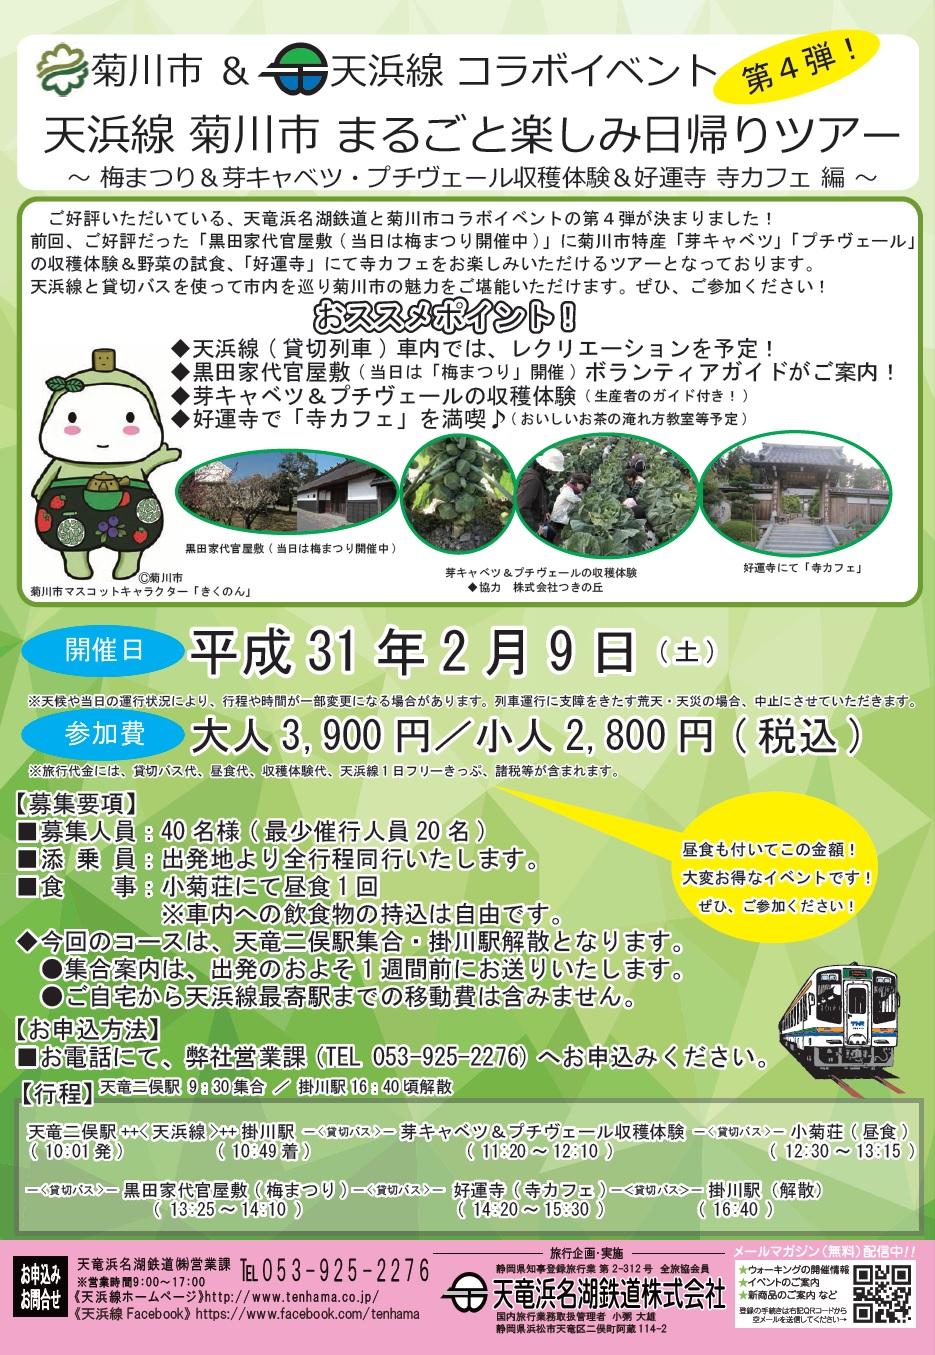 kikugawaevent20190209omote